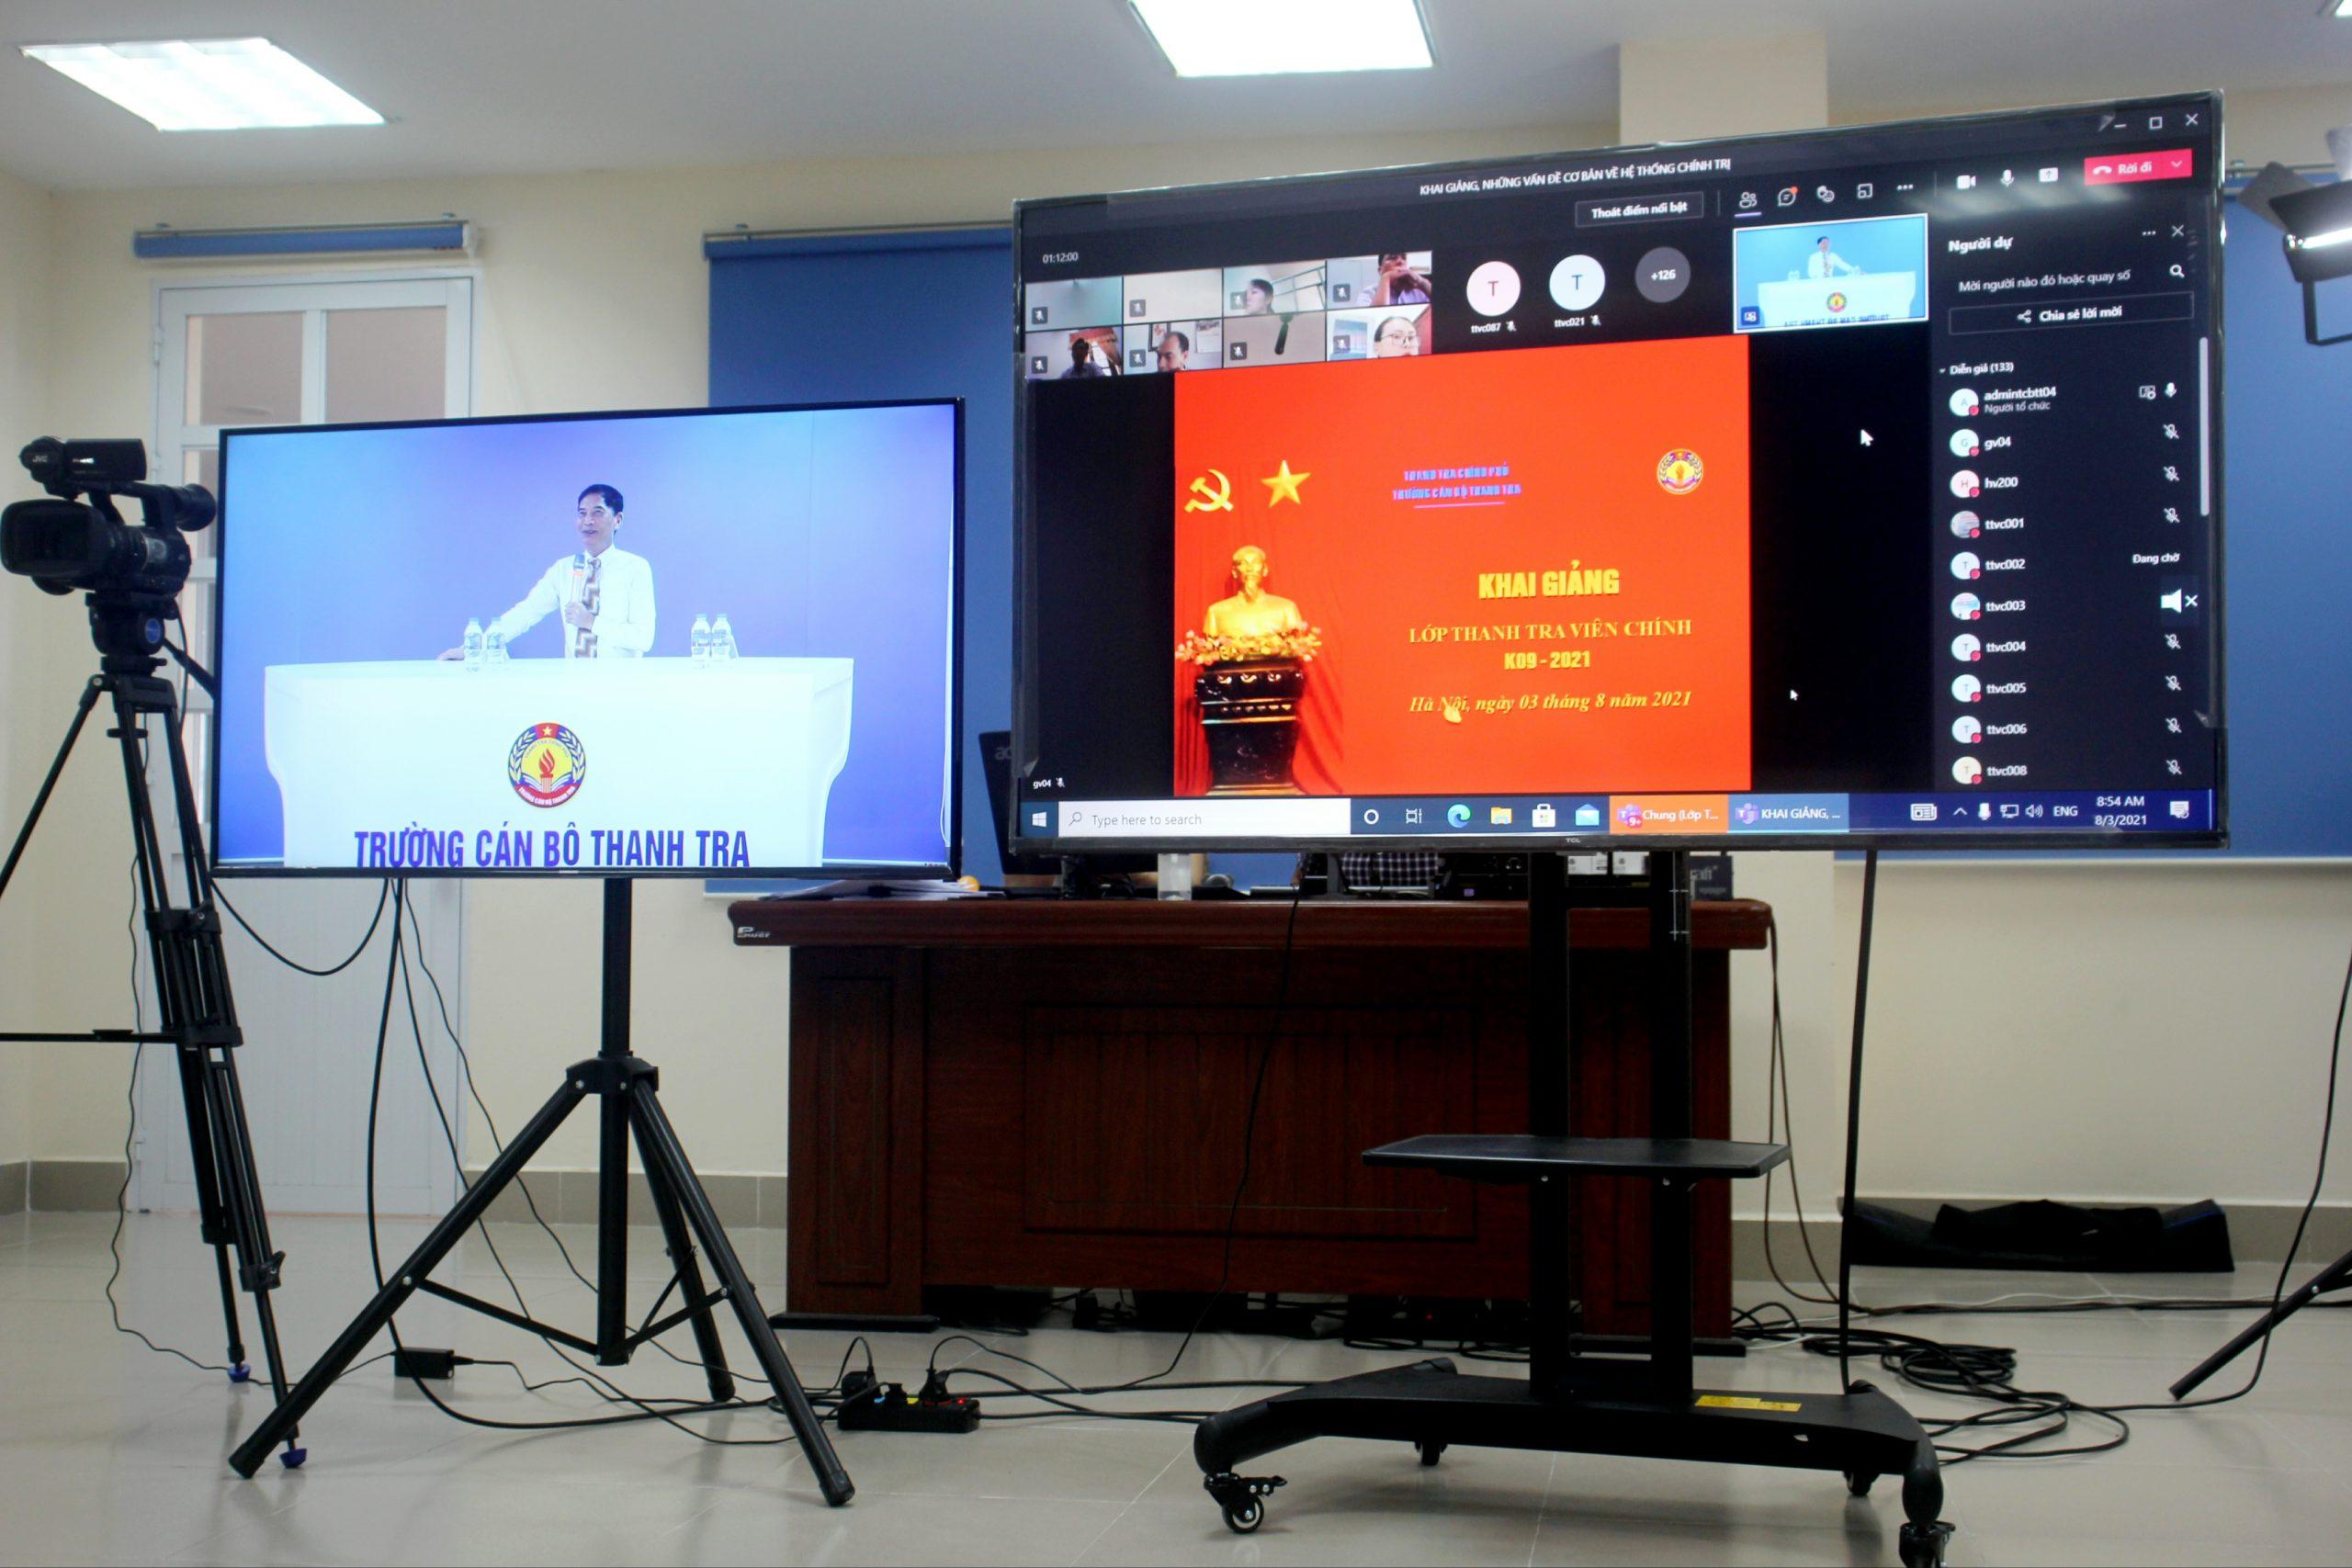 Khai giảng lớp Nghiệp vụ thanh tra viên chính Khóa 09/2021 theo hình thức trực tuyến